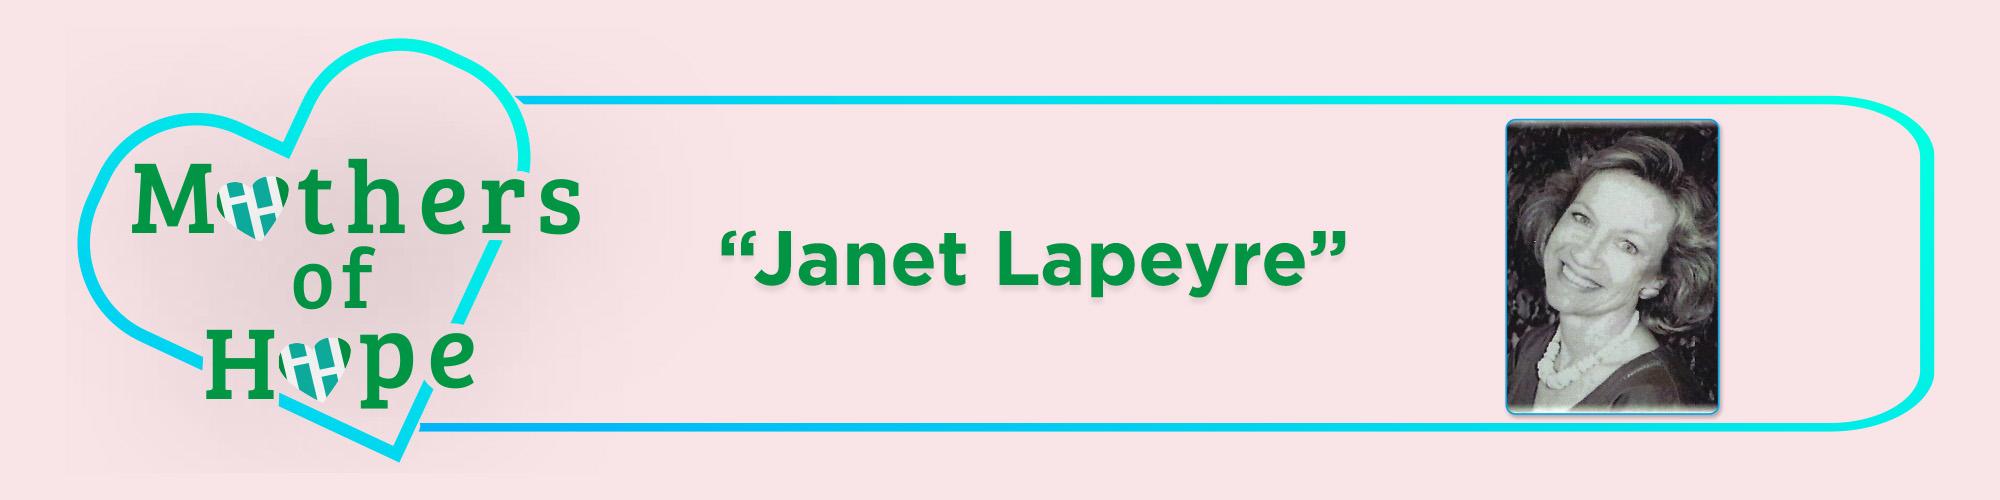 Janet-Lapeyre